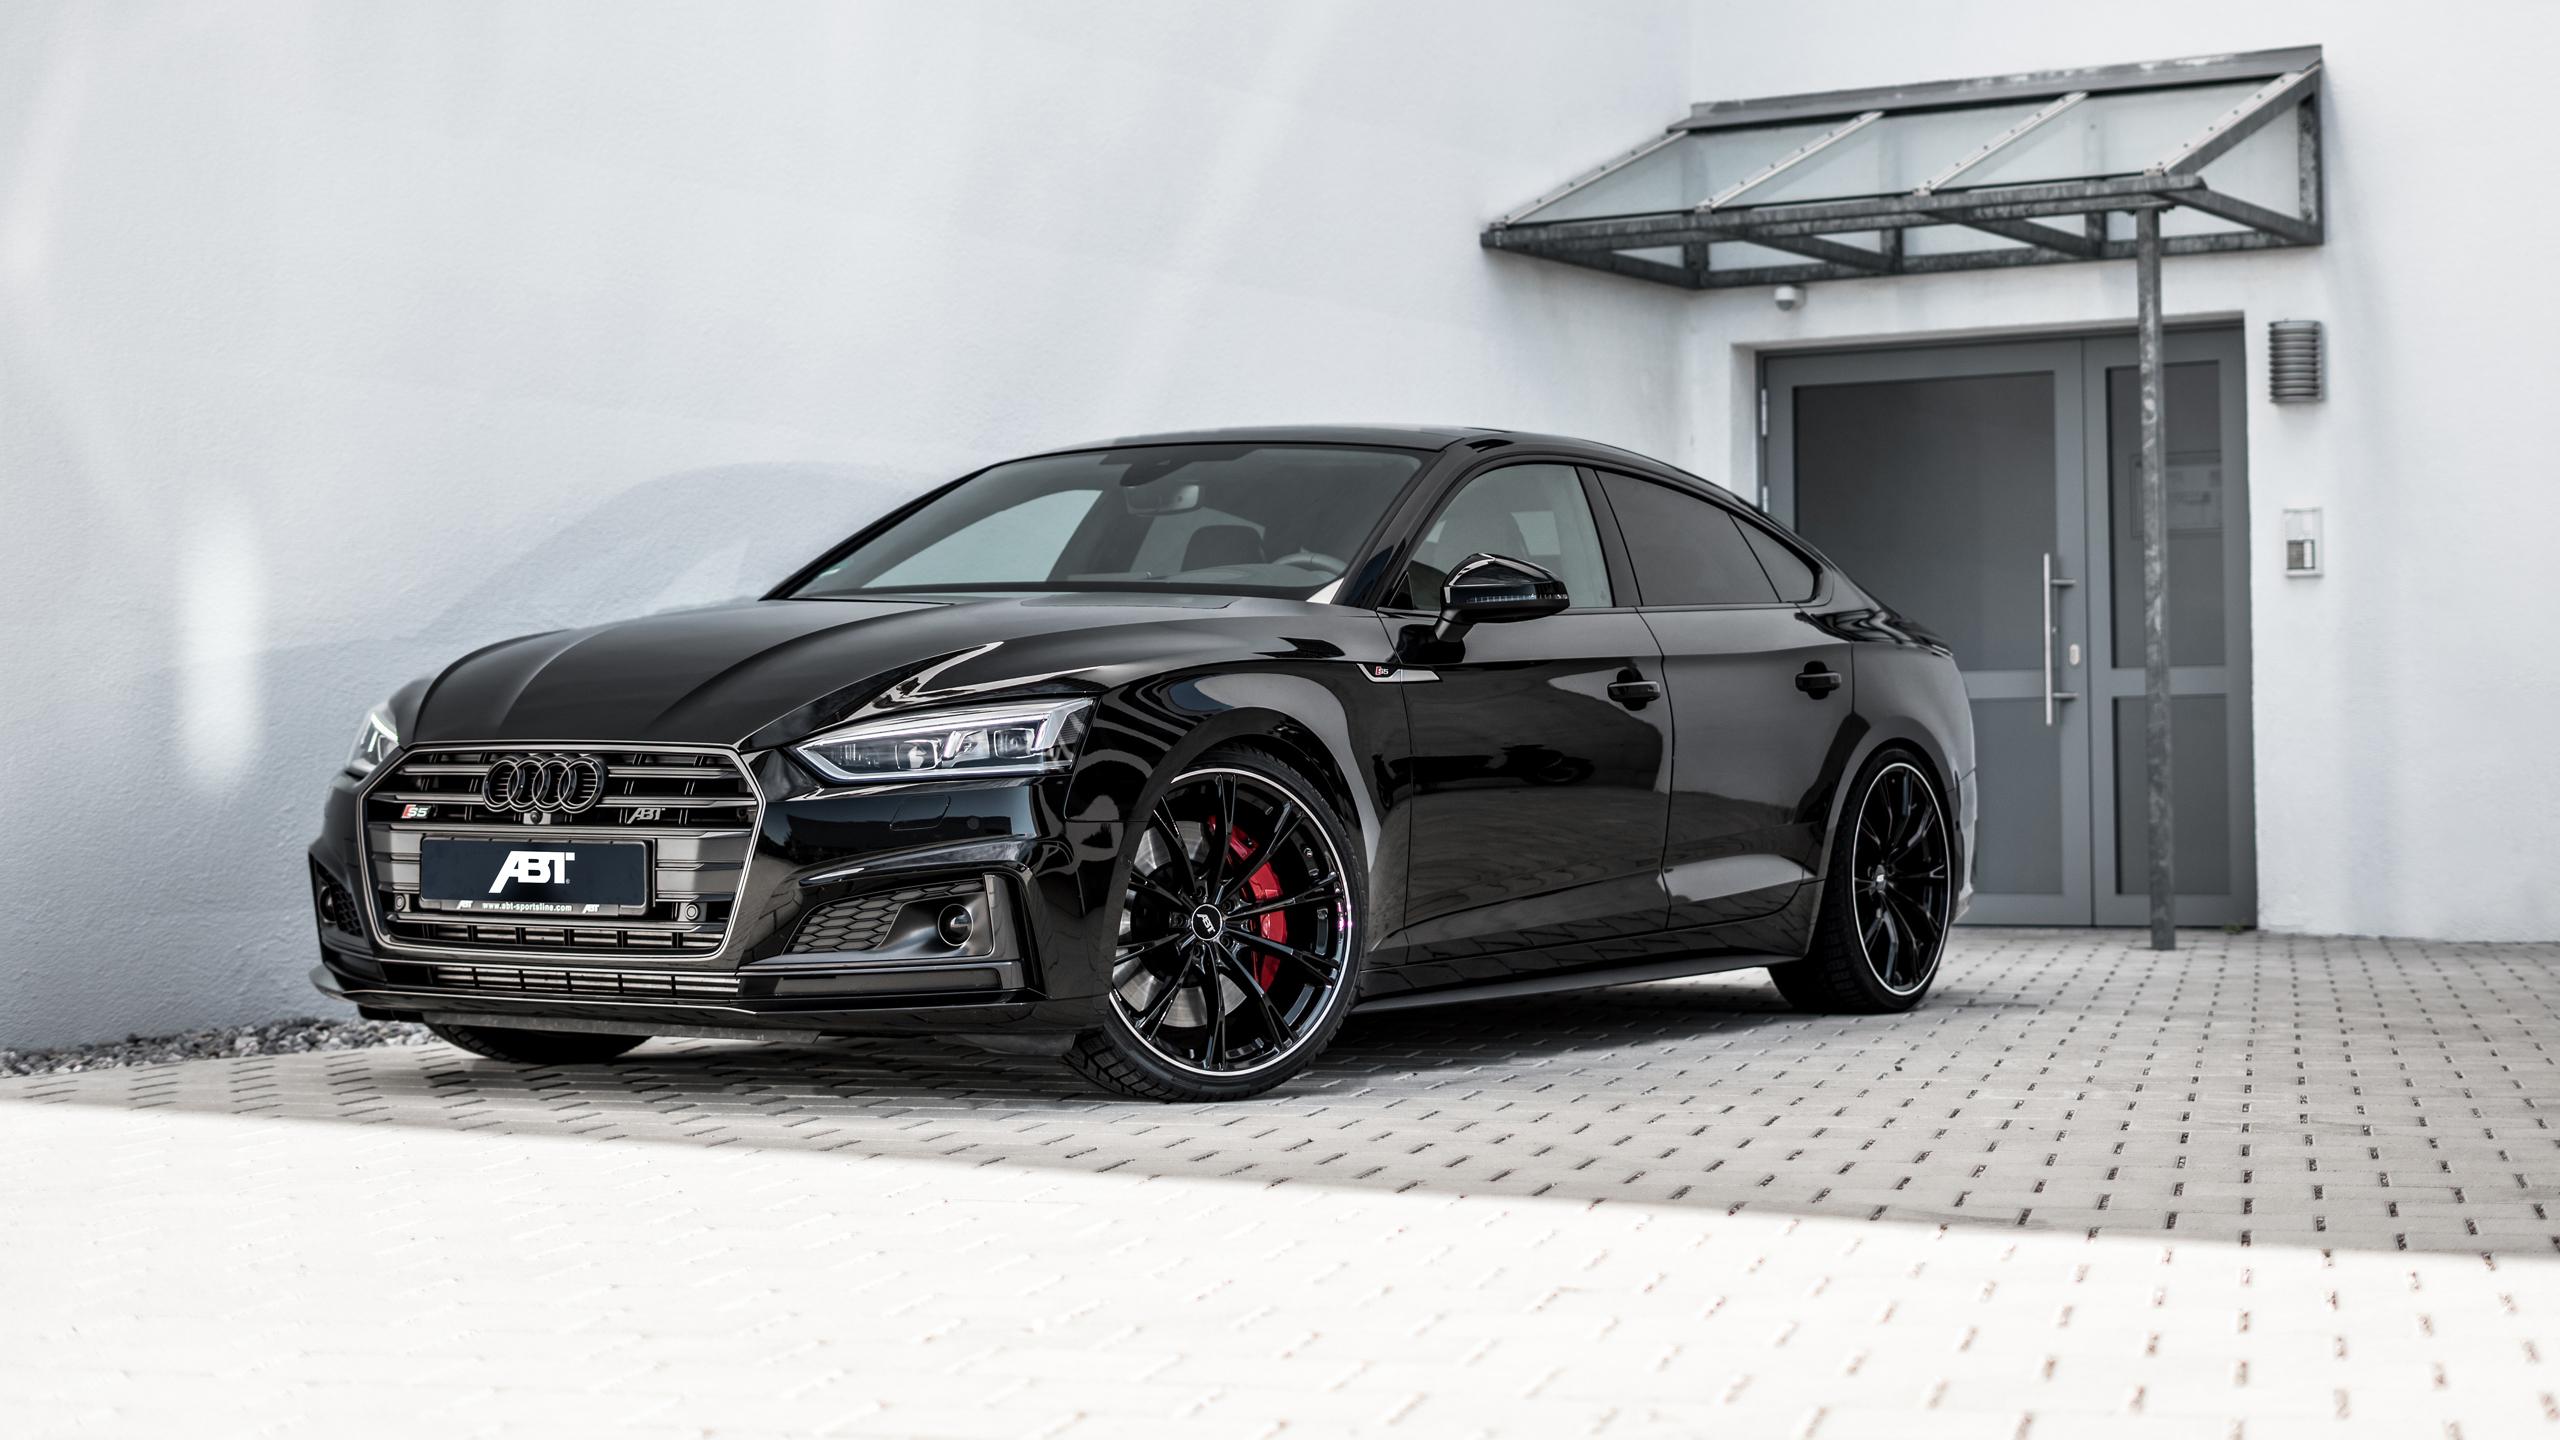 Kelebihan Kekurangan Audi S5 Tdi Spesifikasi